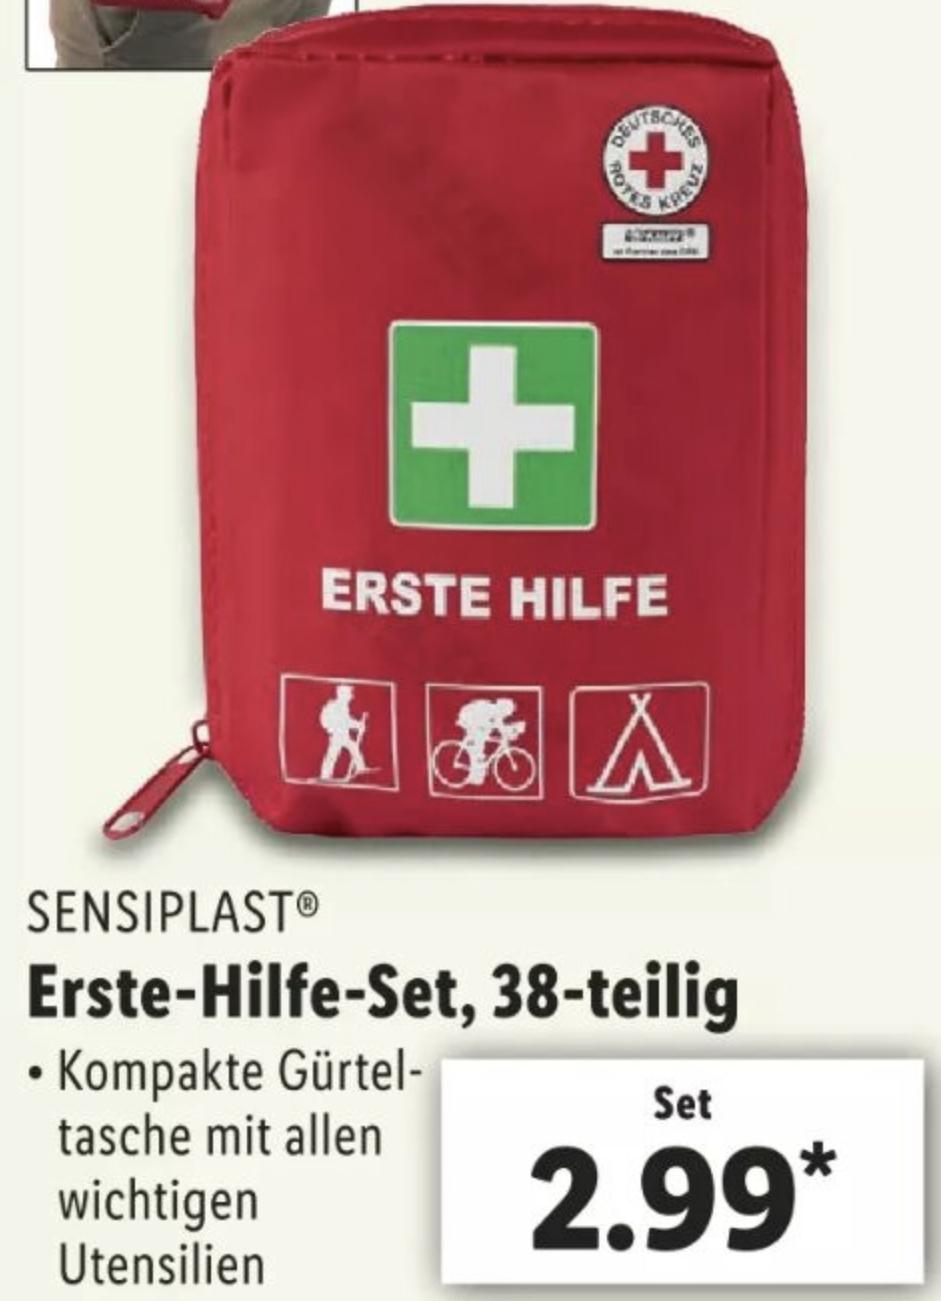 Sensiplast Erste Hilfe Set mit 38 Teilen und Gürtelschlaufe für 2,99€ - ab 07.05.